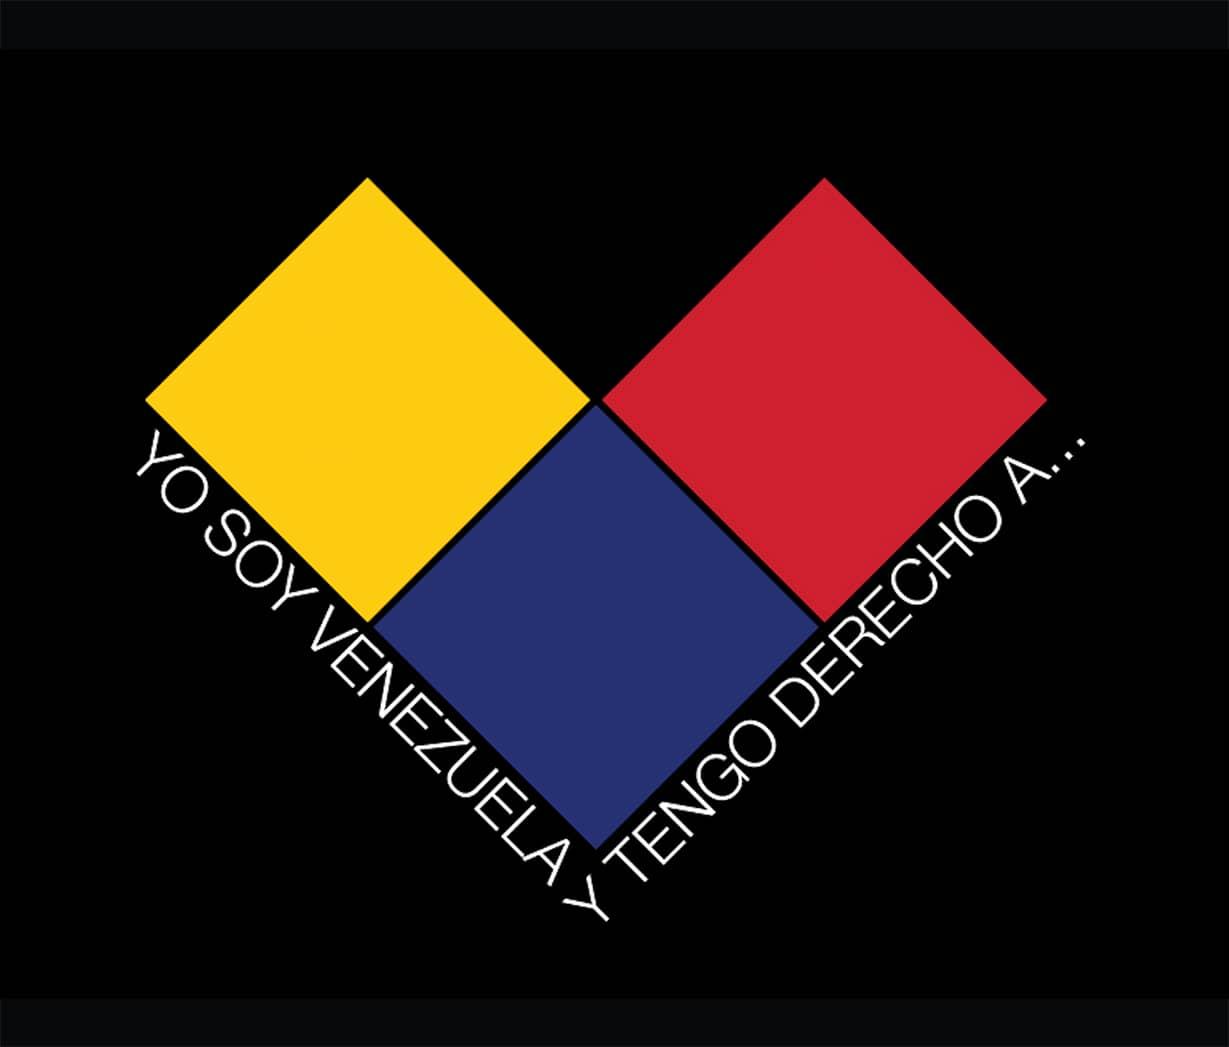 yosoyvenezuela_1_2